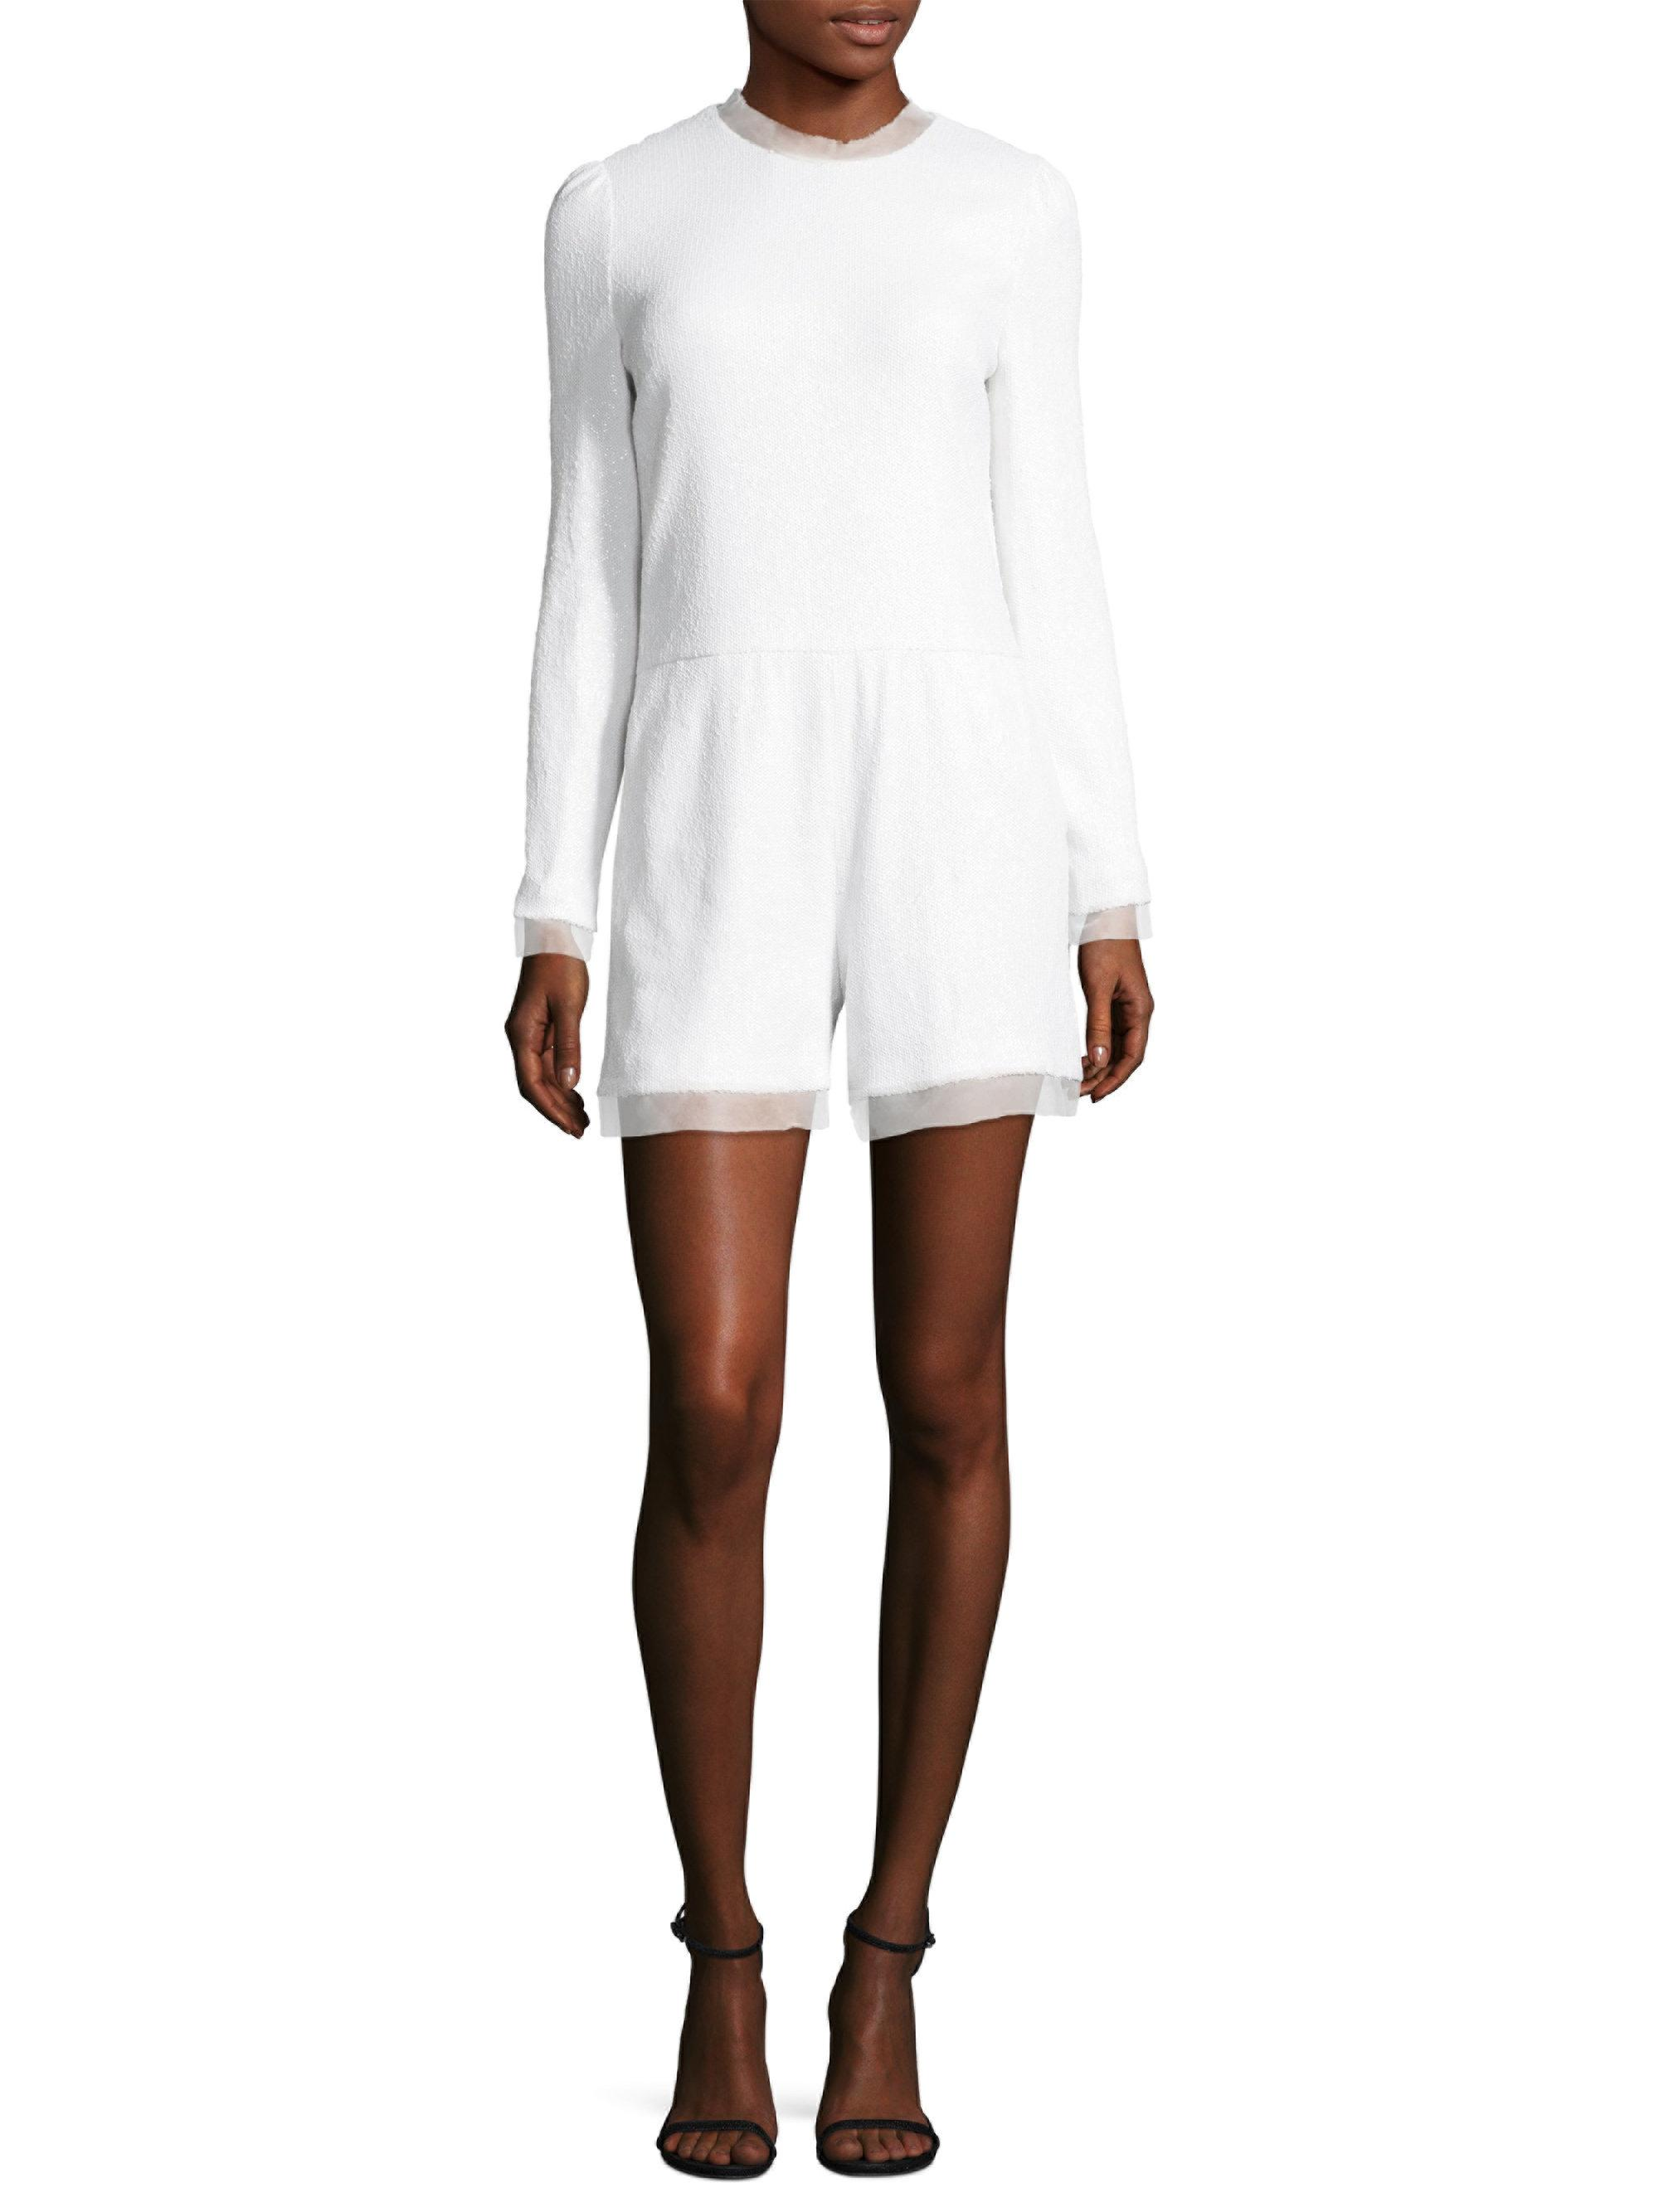 cc8876b7a53 Lyst - Rachel Zoe Vera Romper in White